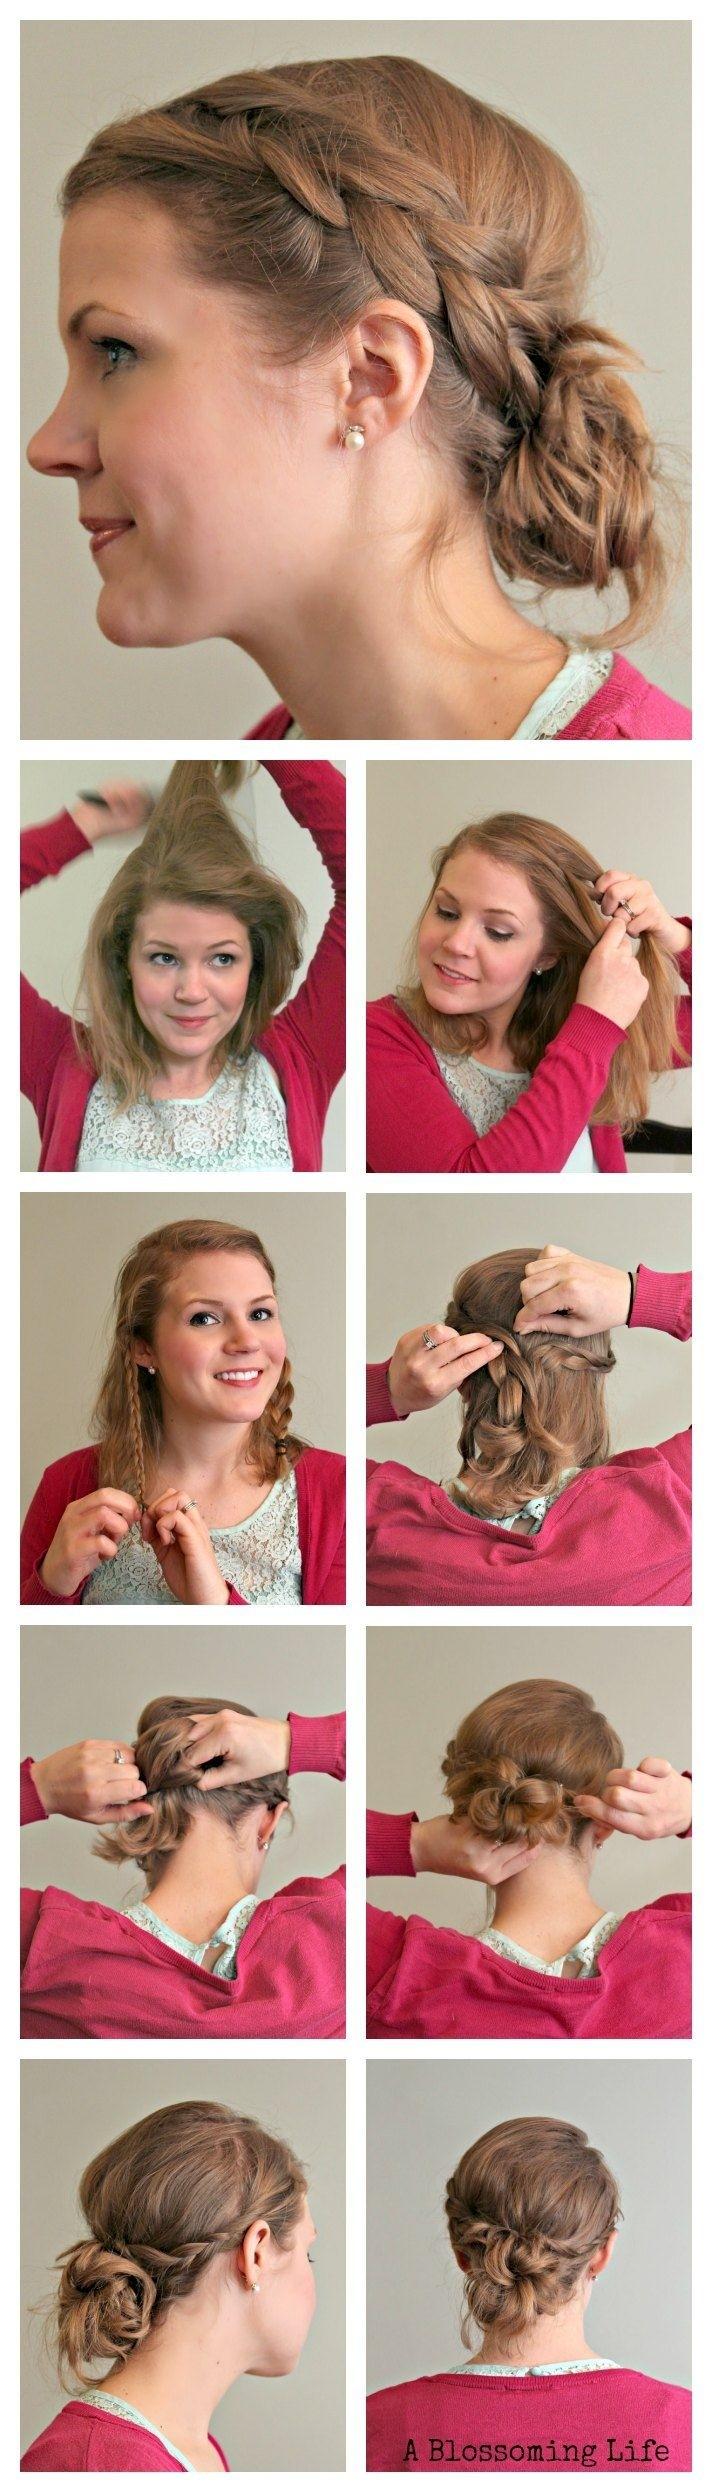 Side braid updo hairstyle tutorial │easy kareena kapoor messy.